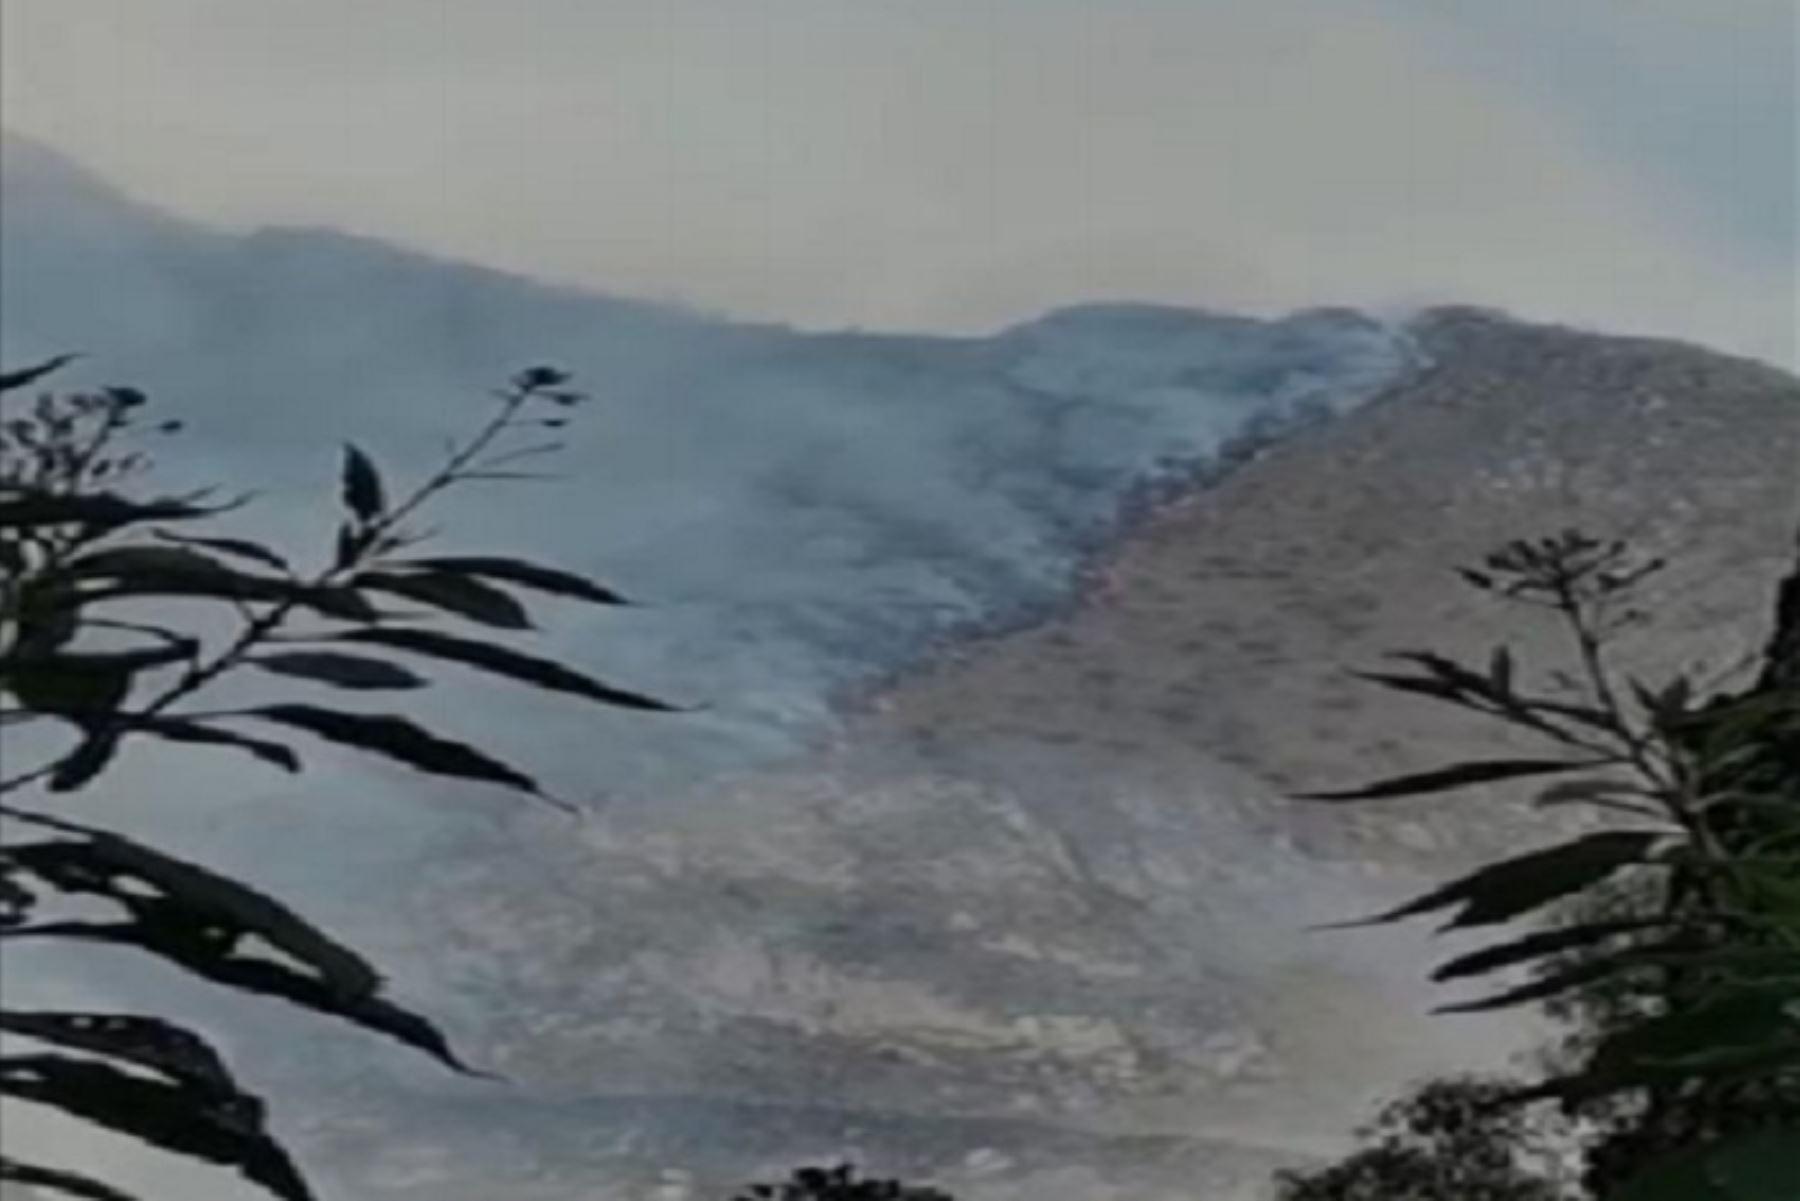 Incendio forestal en distrito de Machu Picchu destruye 18 hectáreas de cobertura natural